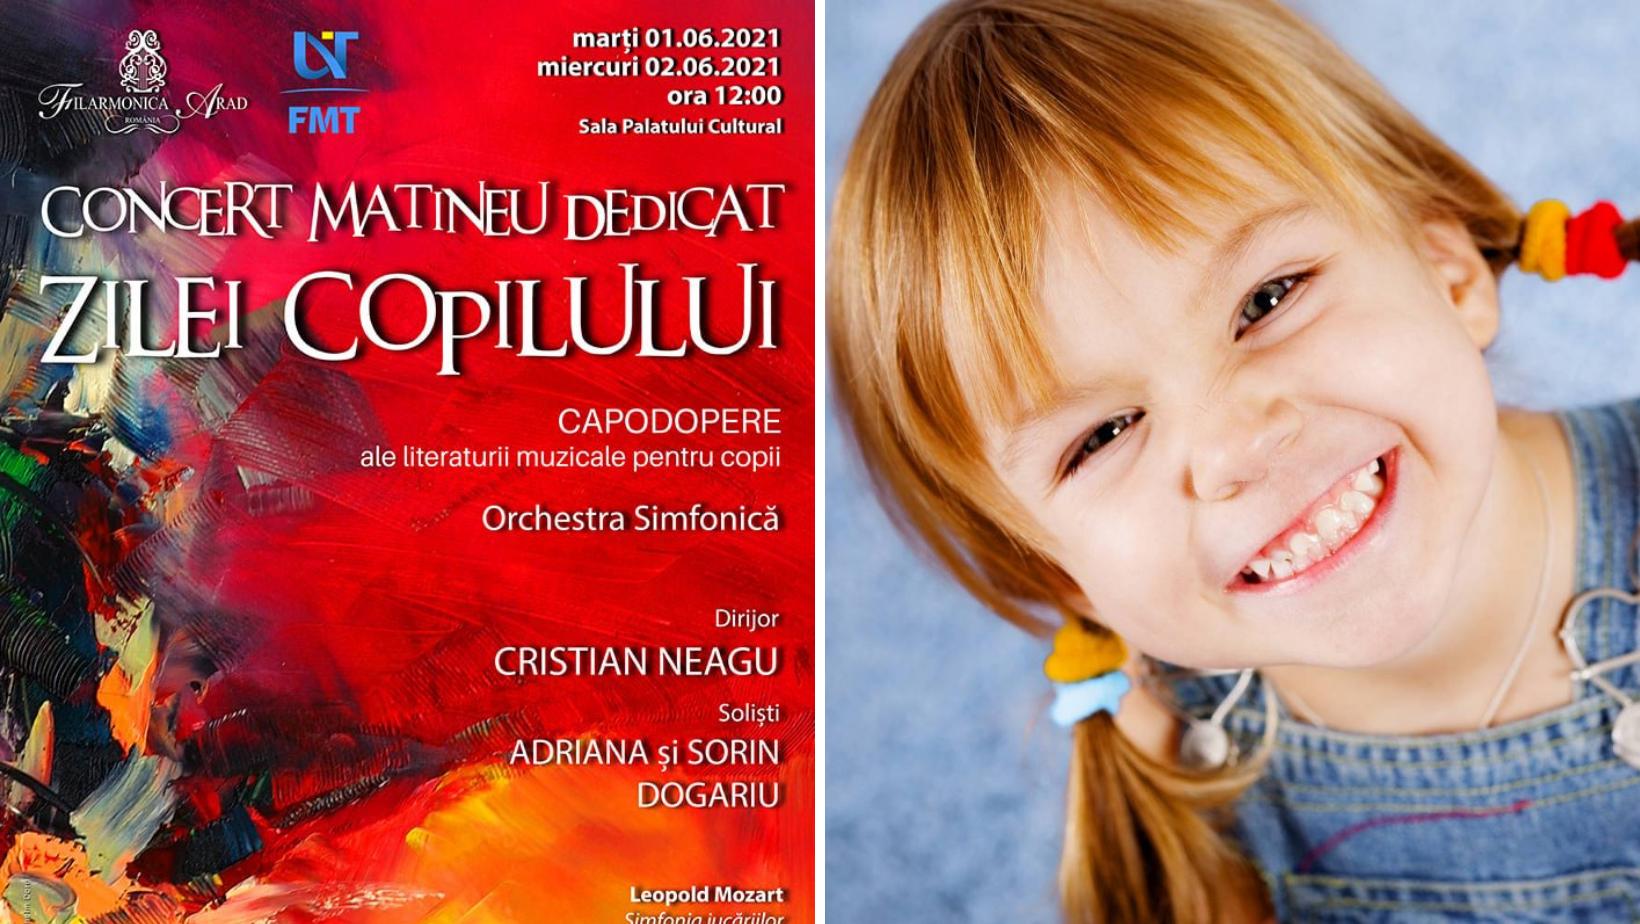 Concert Matineu dedicat Zilei Copilului, la Filarmonica Arad